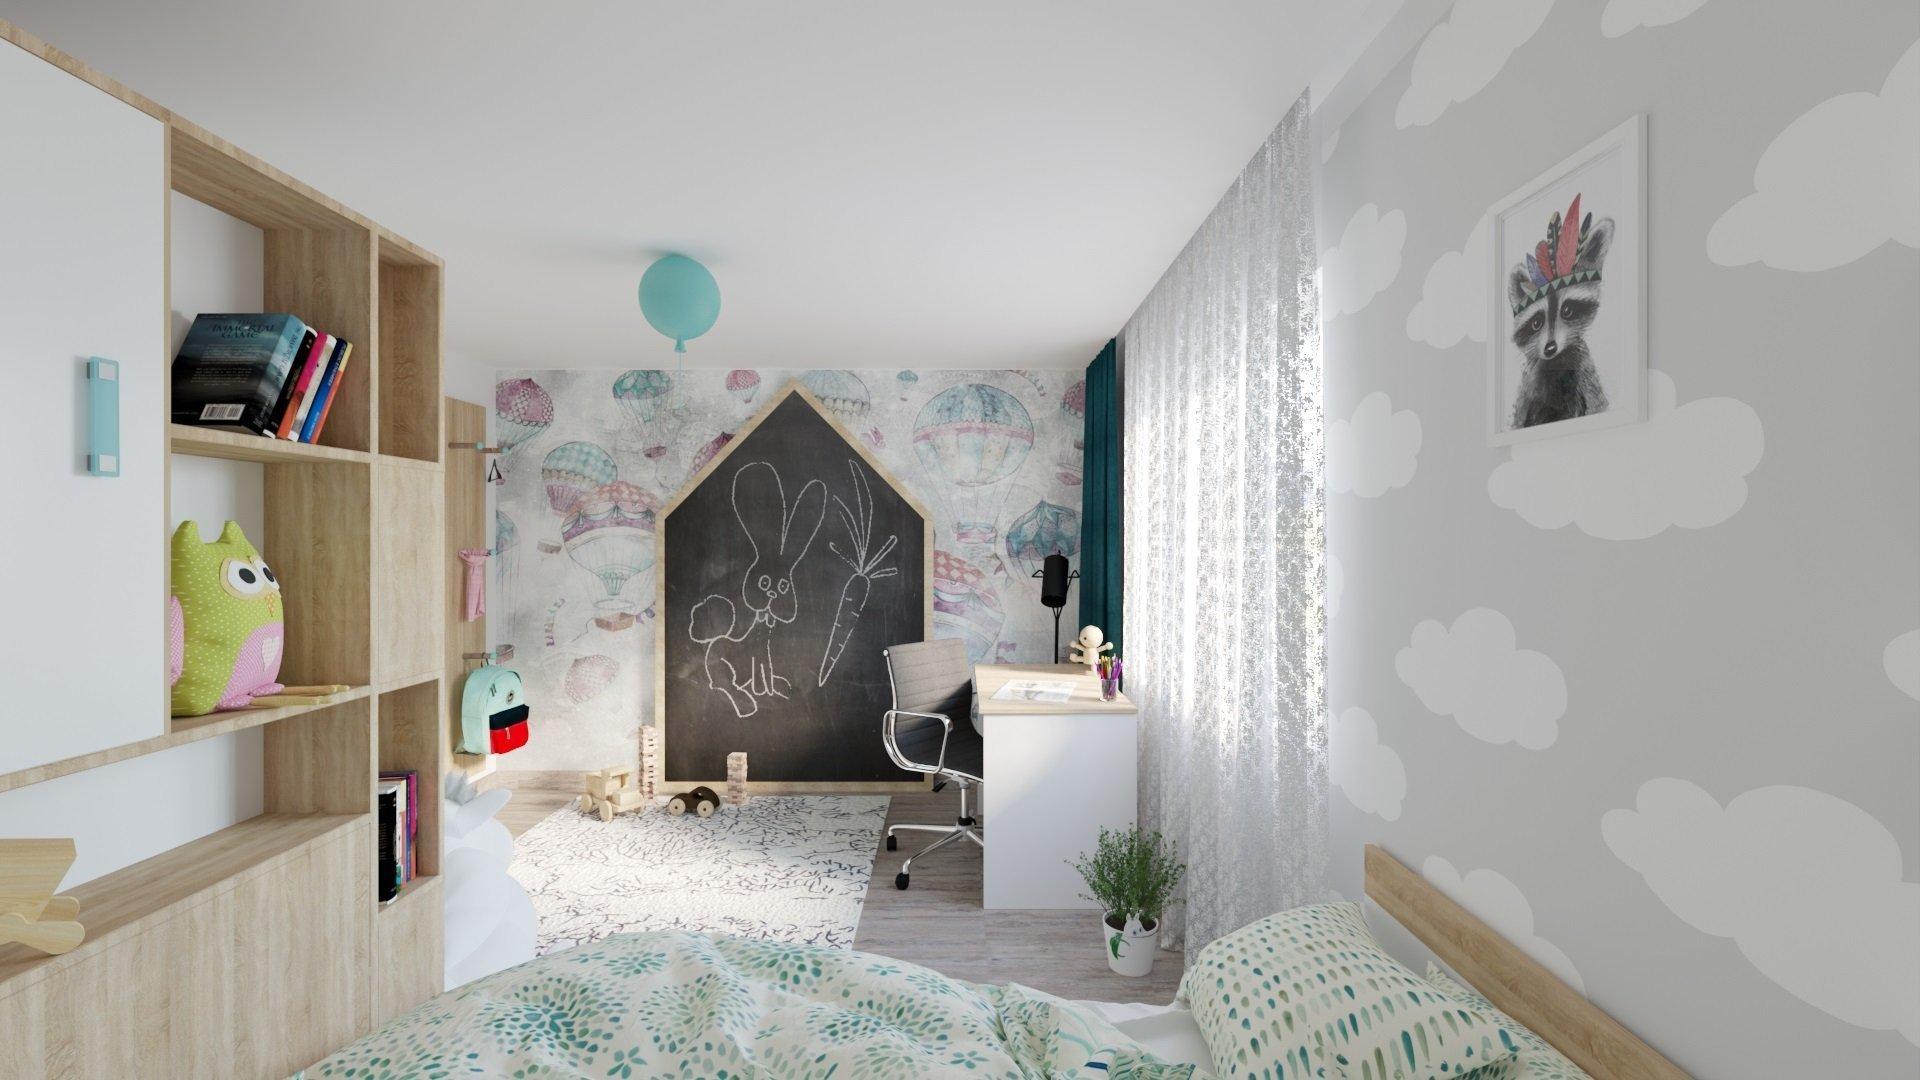 Výchozím prvkem tohoto pokoje je prostorná šatní skříň, kterou lze společně s postelí i psacím stolem pořídit v prodejnách Möbelix. Úkolem vizualizace tedy…